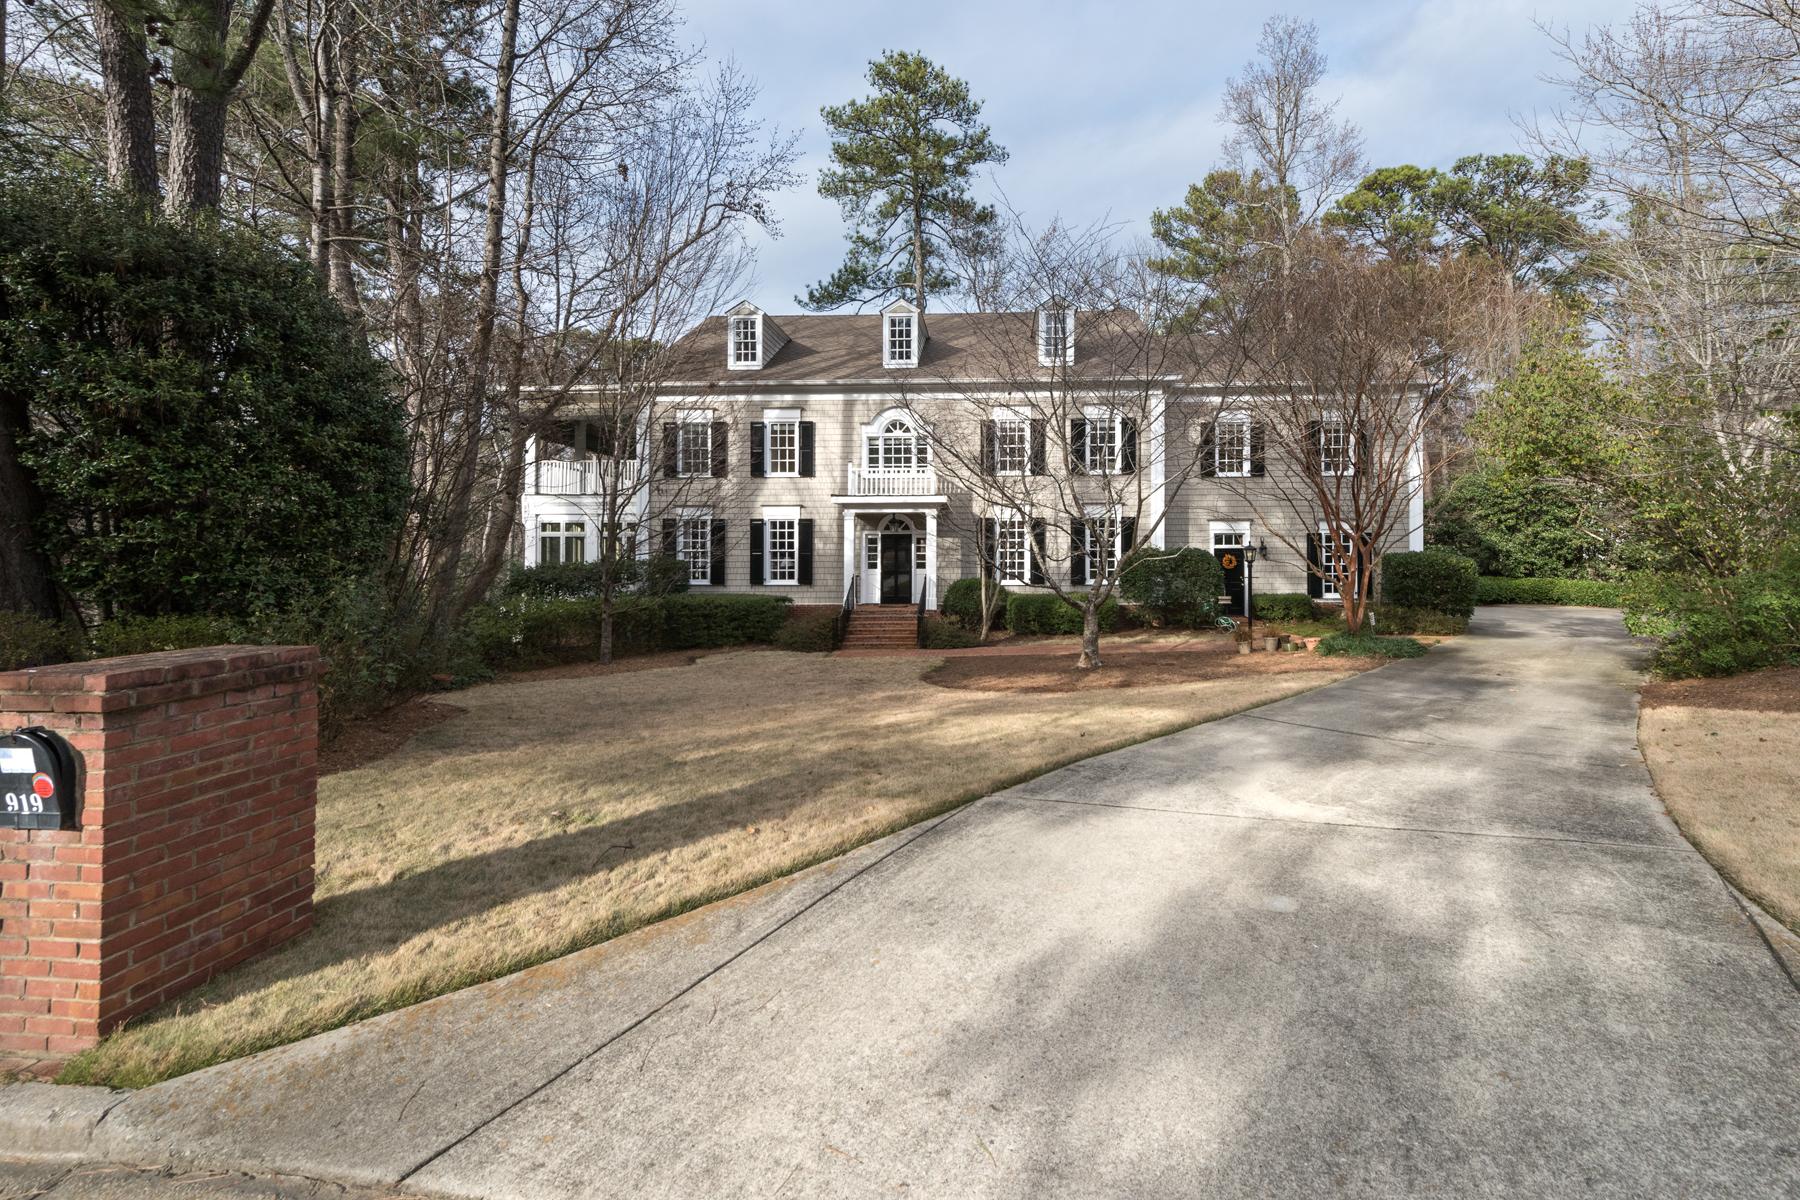 Maison unifamiliale pour l Vente à Elegant Traditional In Buckhead 919 Weyman Court NW Atlanta, Georgia, 30327 États-Unis